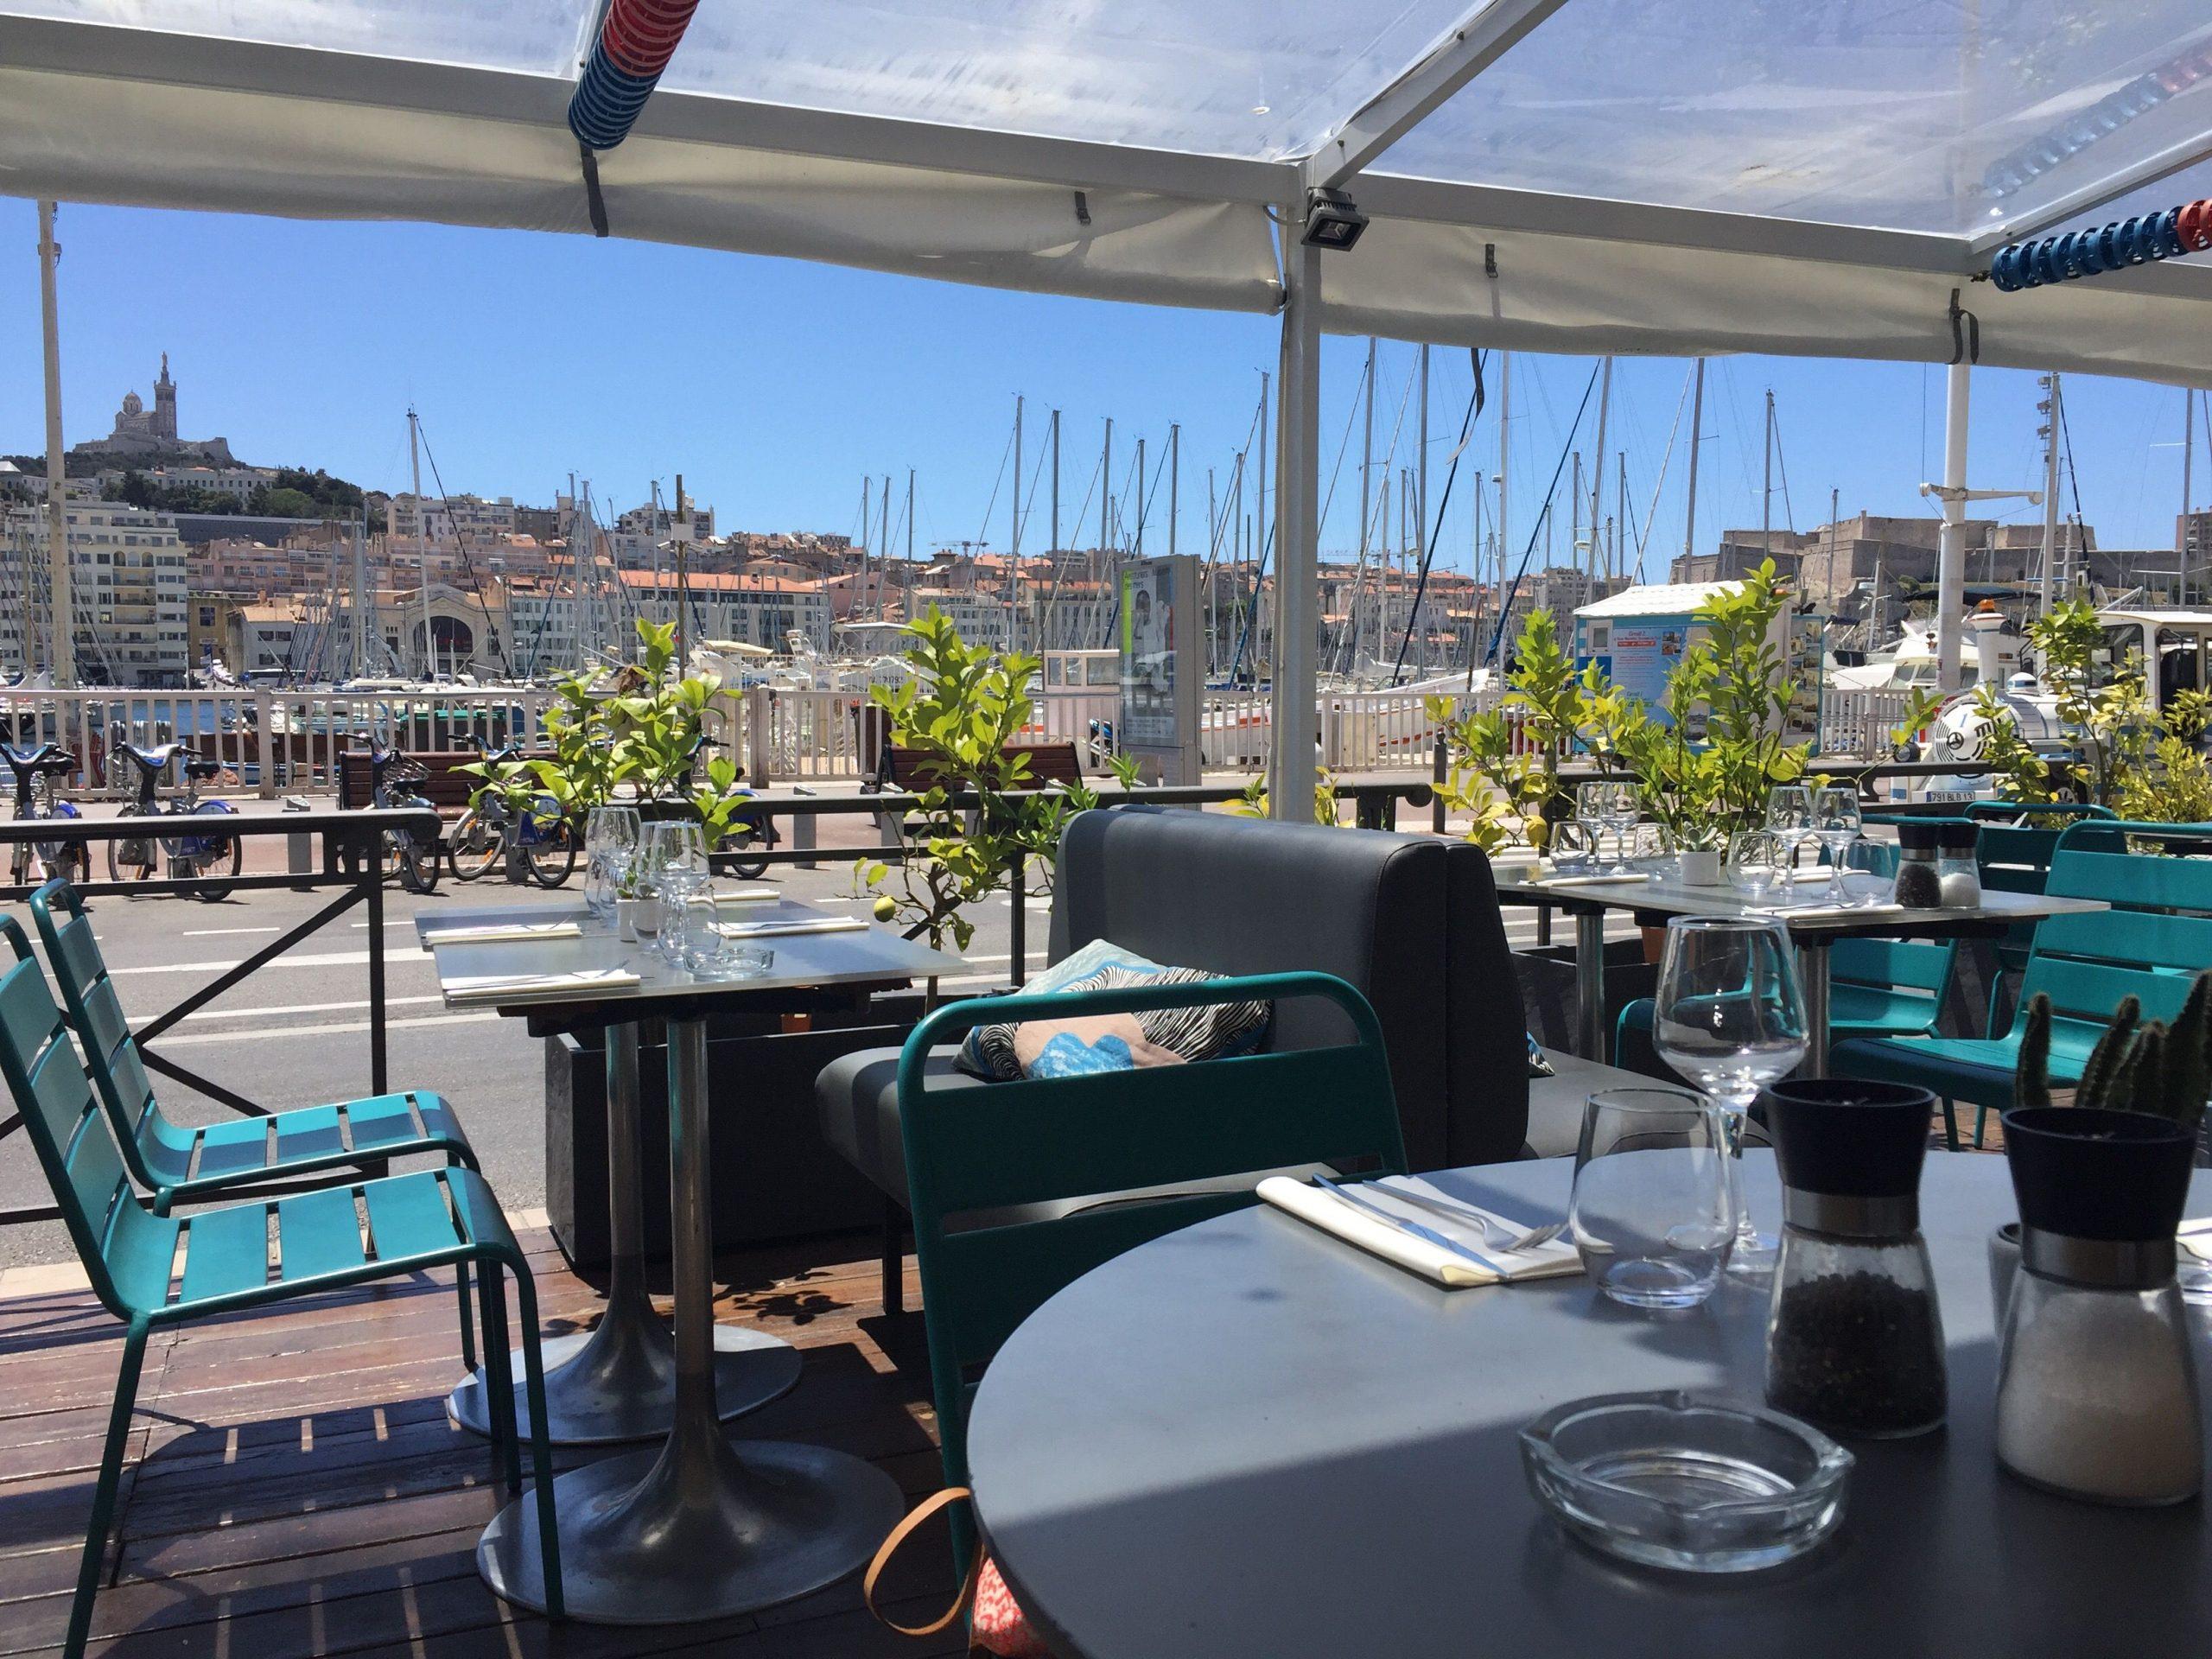 Restaurant La Piscine - Marseille   Piscine, Marseille ... avec La Piscine Restaurant Marseille